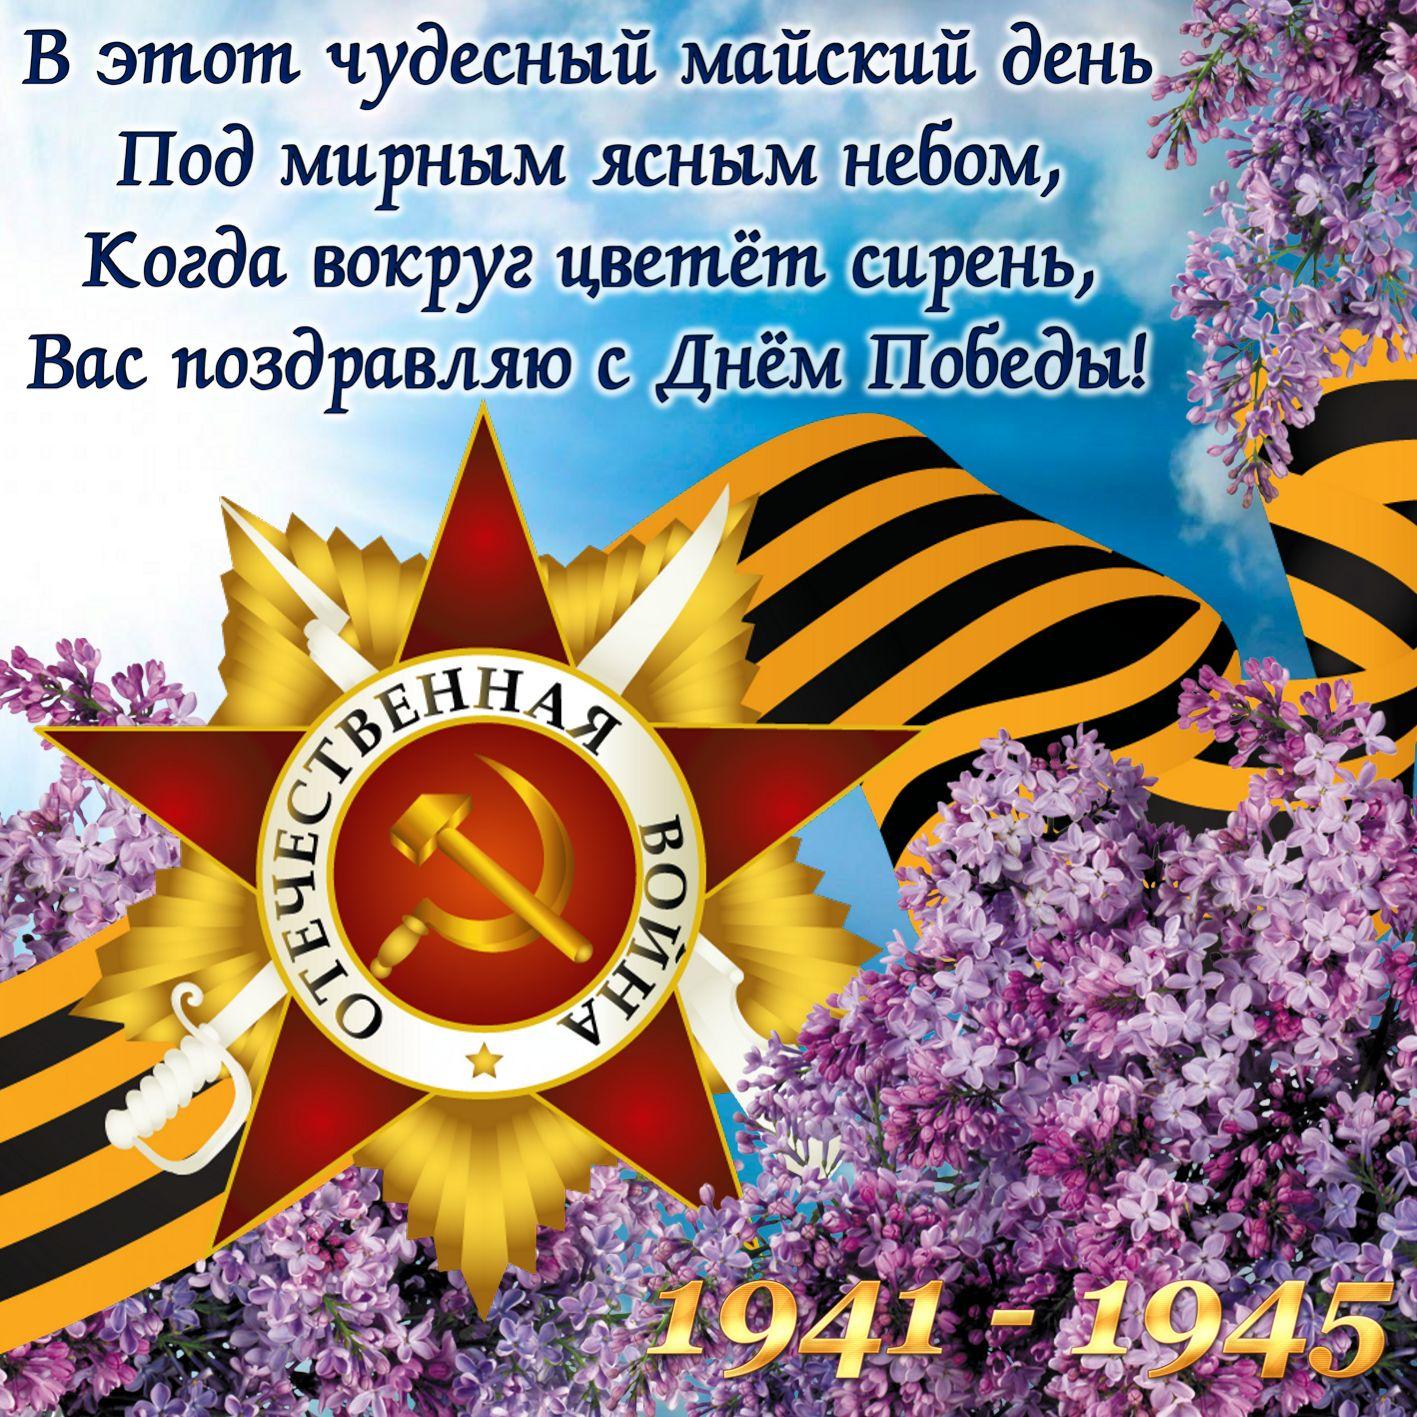 Днем рождения, открытка день победы с поздравлением